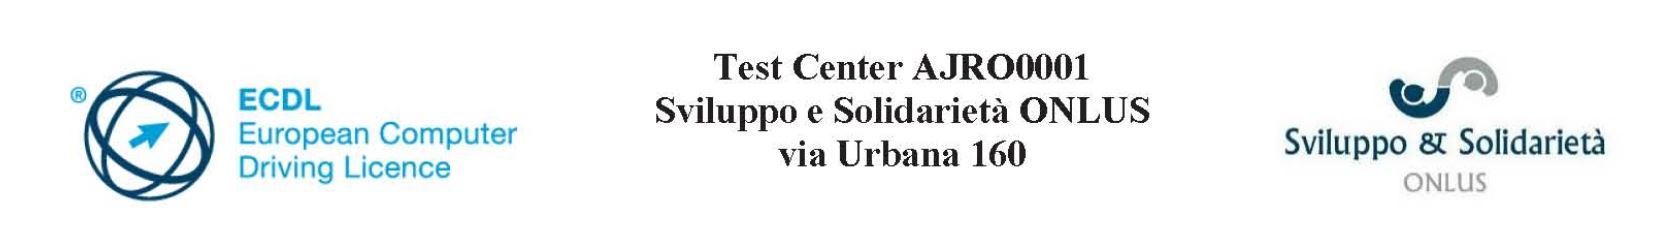 Loghi Test Center.JPG